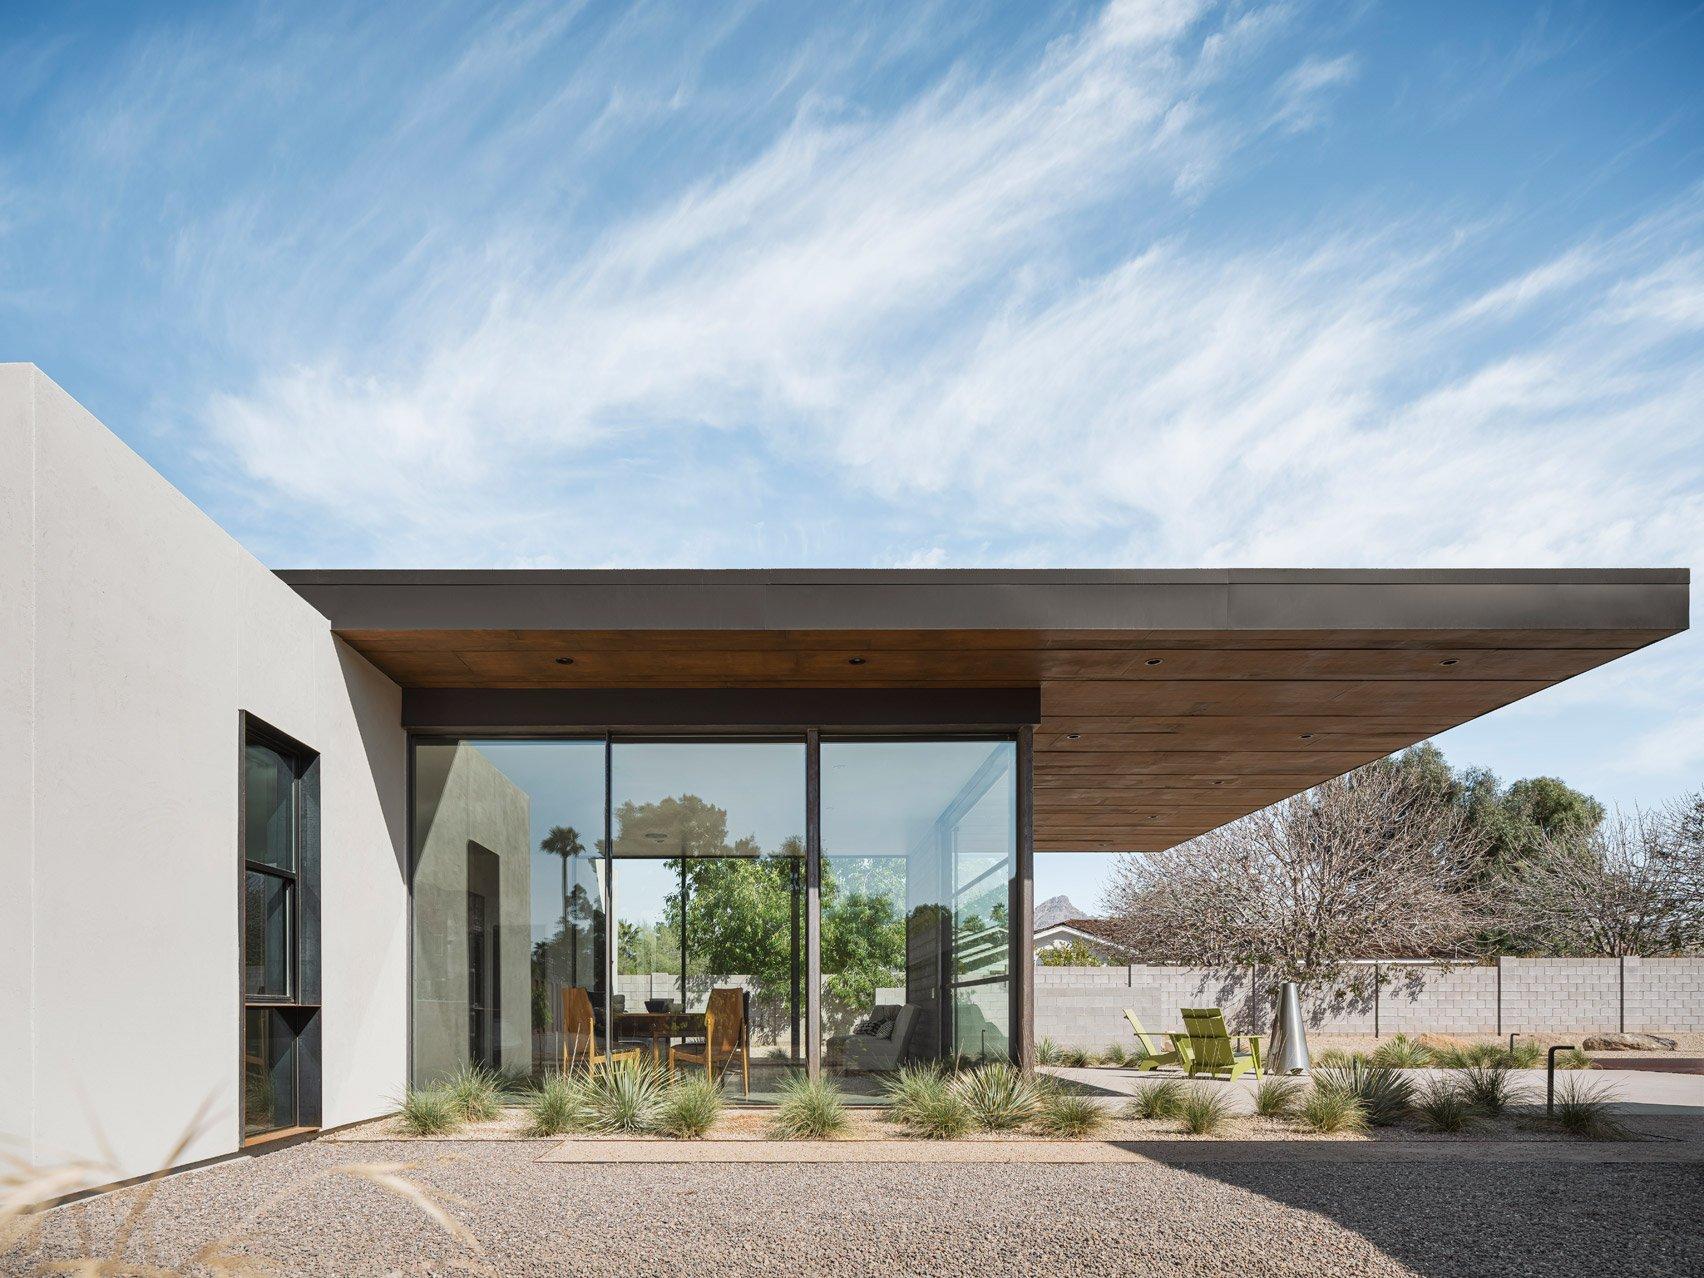 Roof of casiTa in Arizona